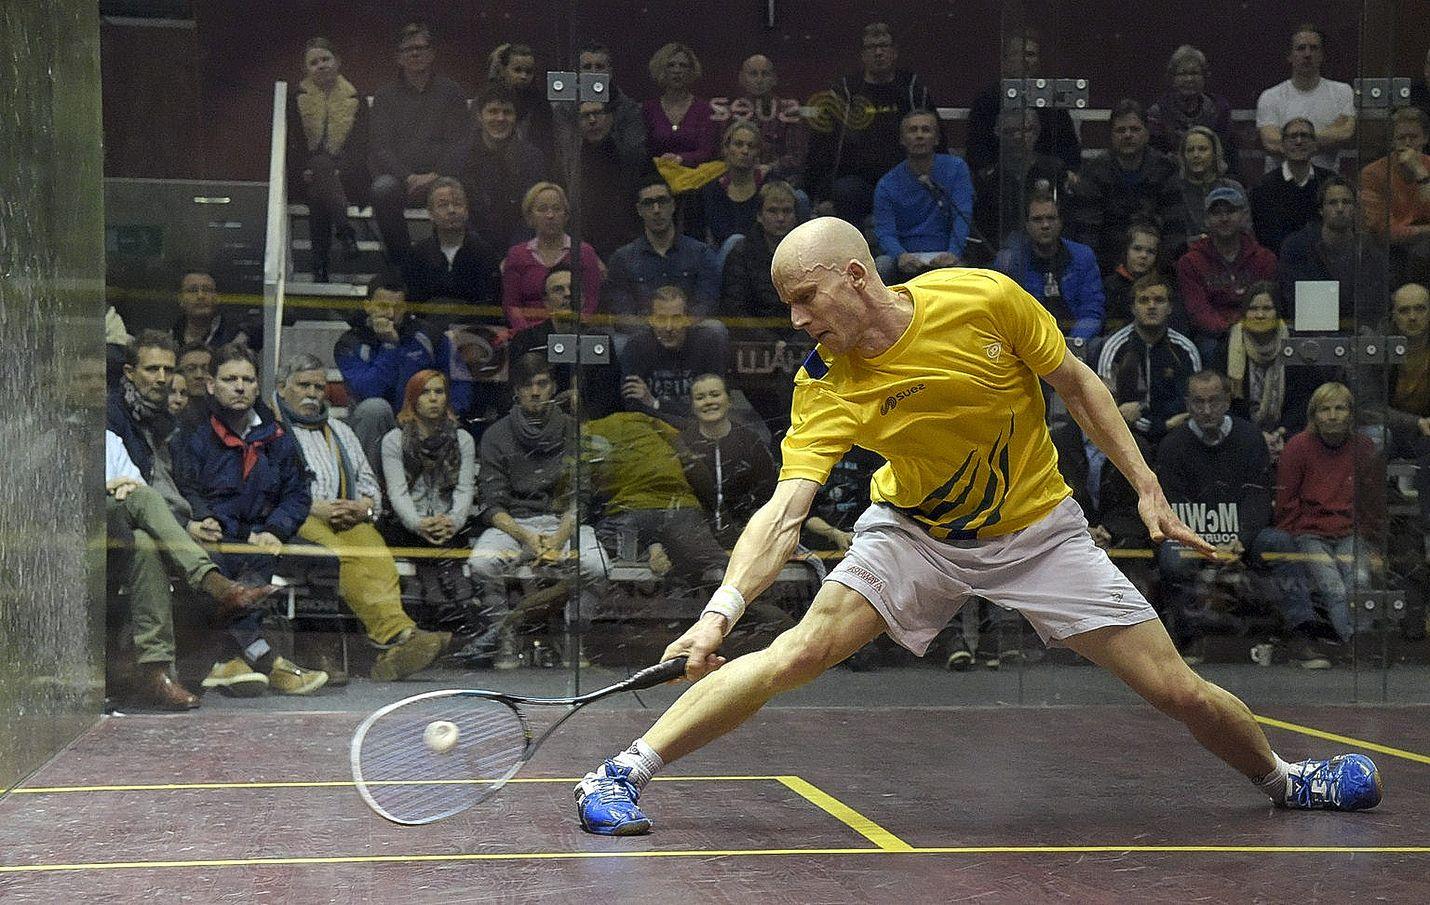 Olli Tuominen pelasi viime viikolla squashin SM-finaaliottelussa Kristian Rautiaista vastaan ja voitti 16. mestaruutensa.